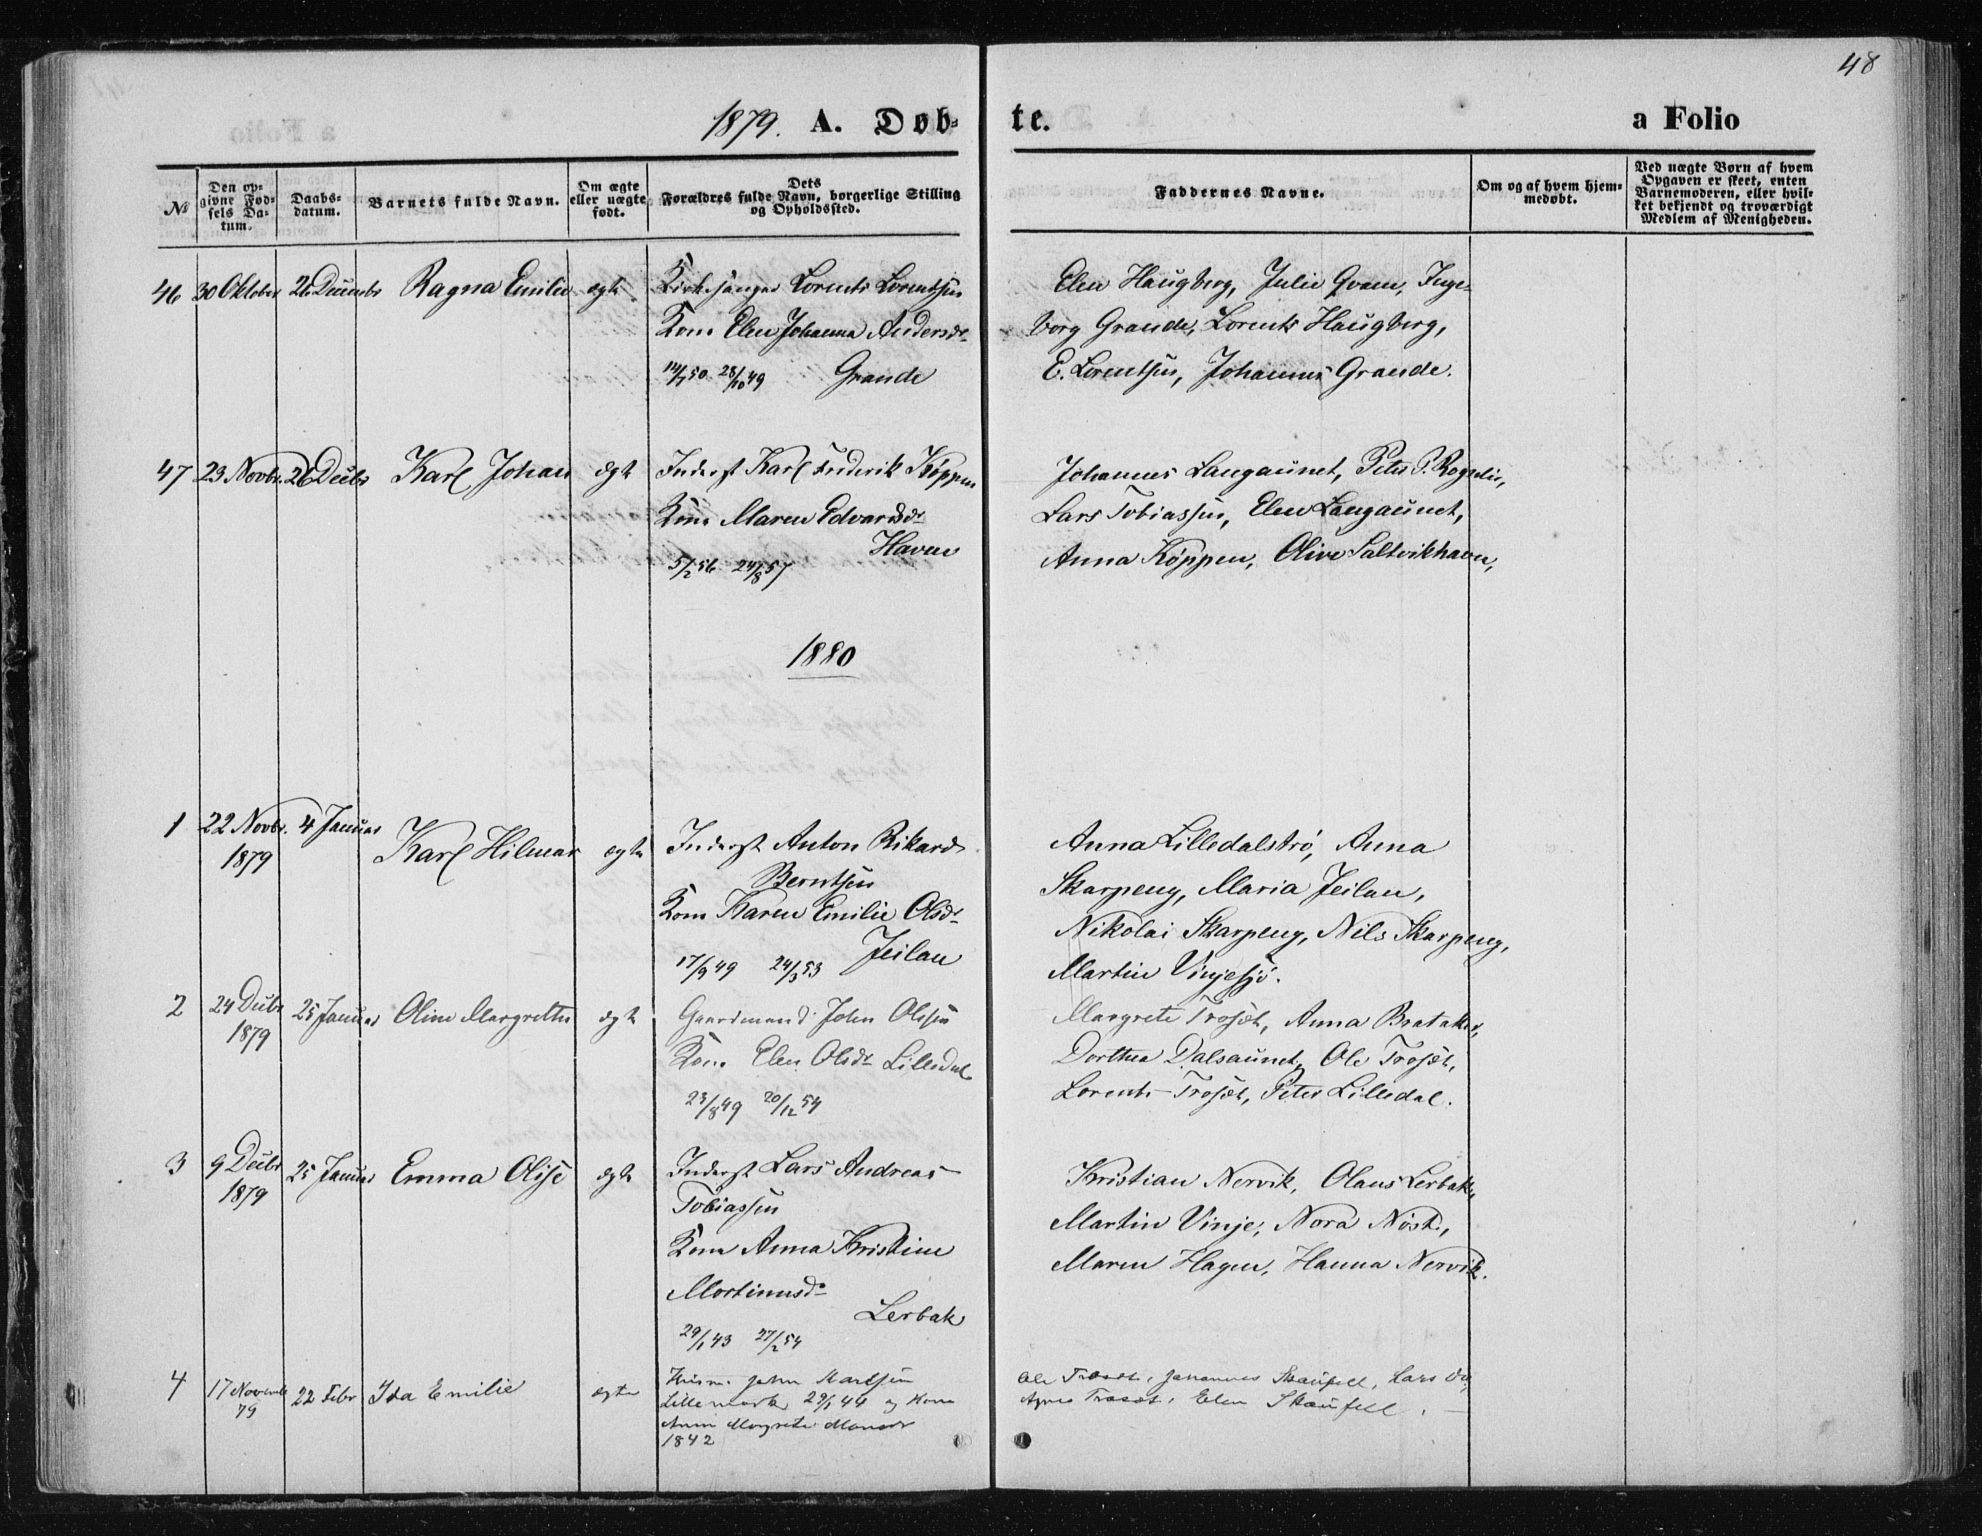 SAT, Ministerialprotokoller, klokkerbøker og fødselsregistre - Nord-Trøndelag, 733/L0324: Ministerialbok nr. 733A03, 1870-1883, s. 48